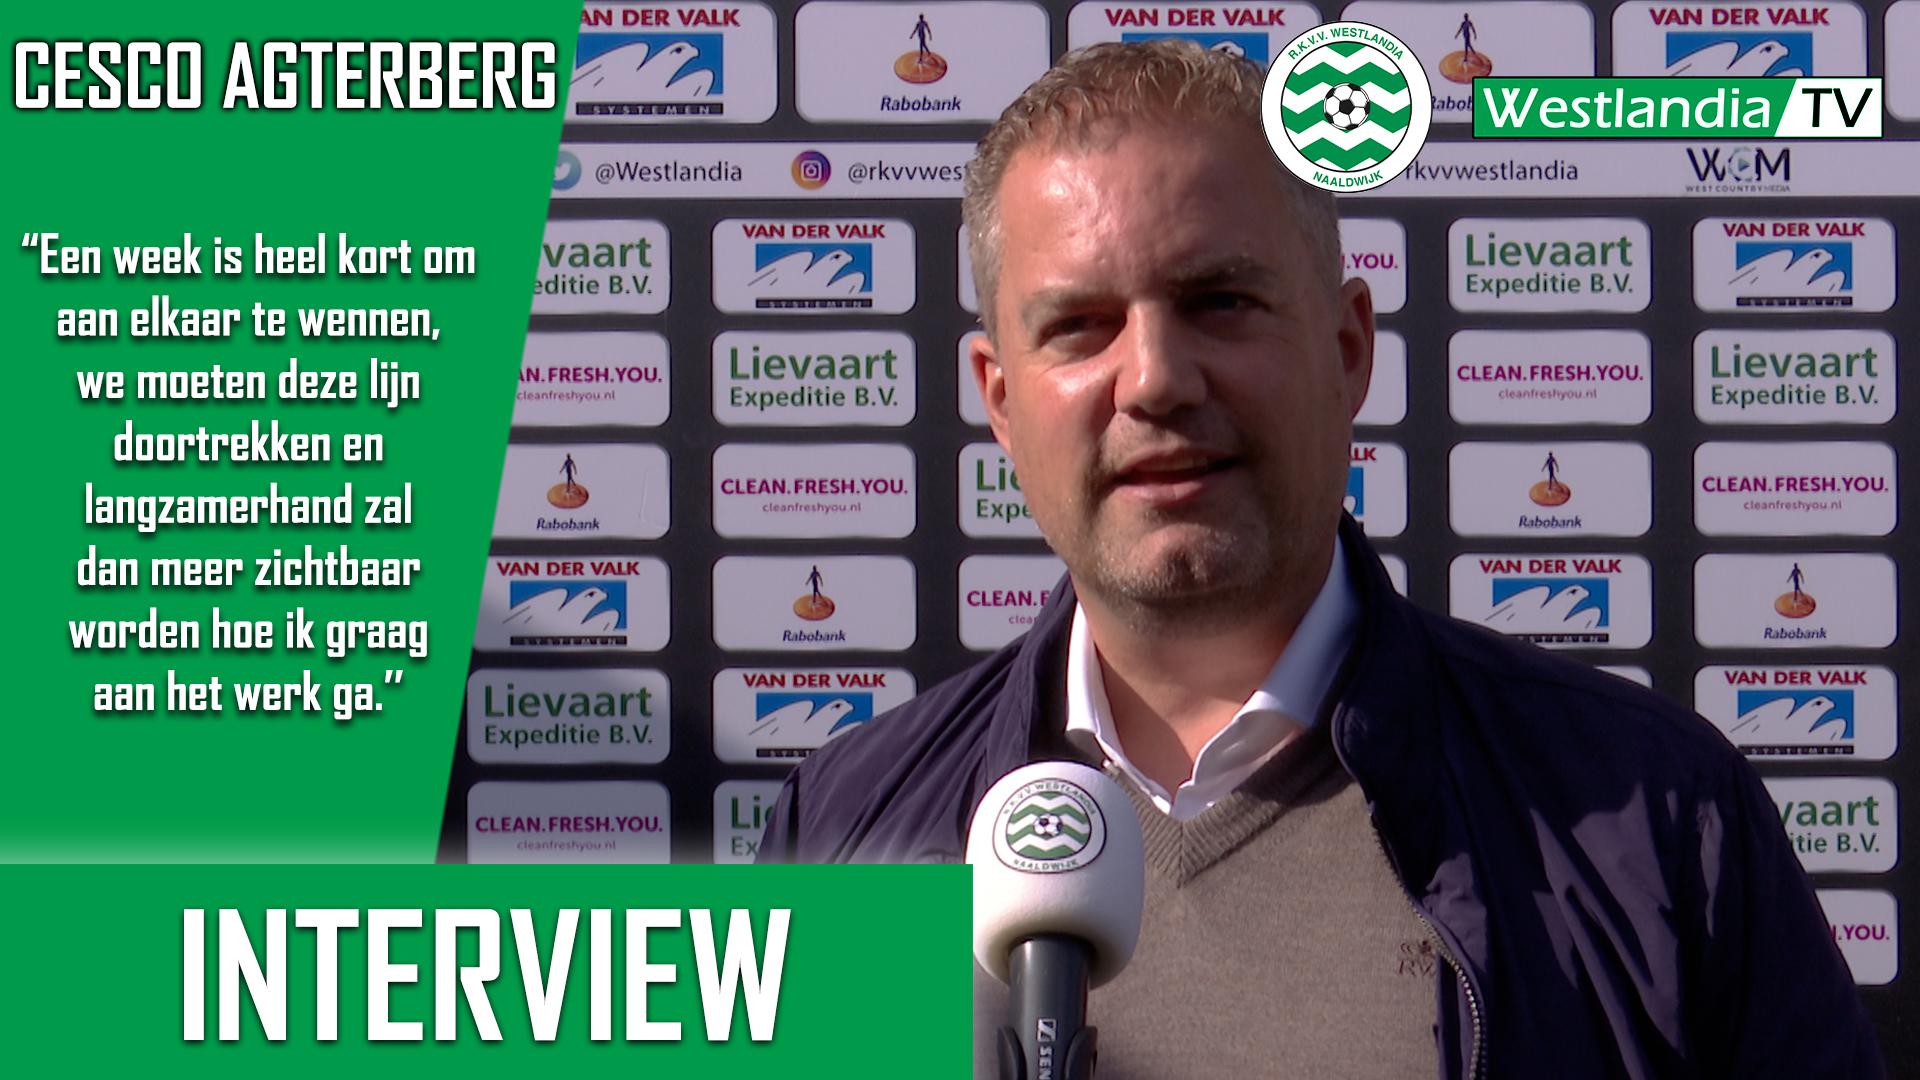 Interview met de nieuwe hoofdtrainer Cesco Agterberg!